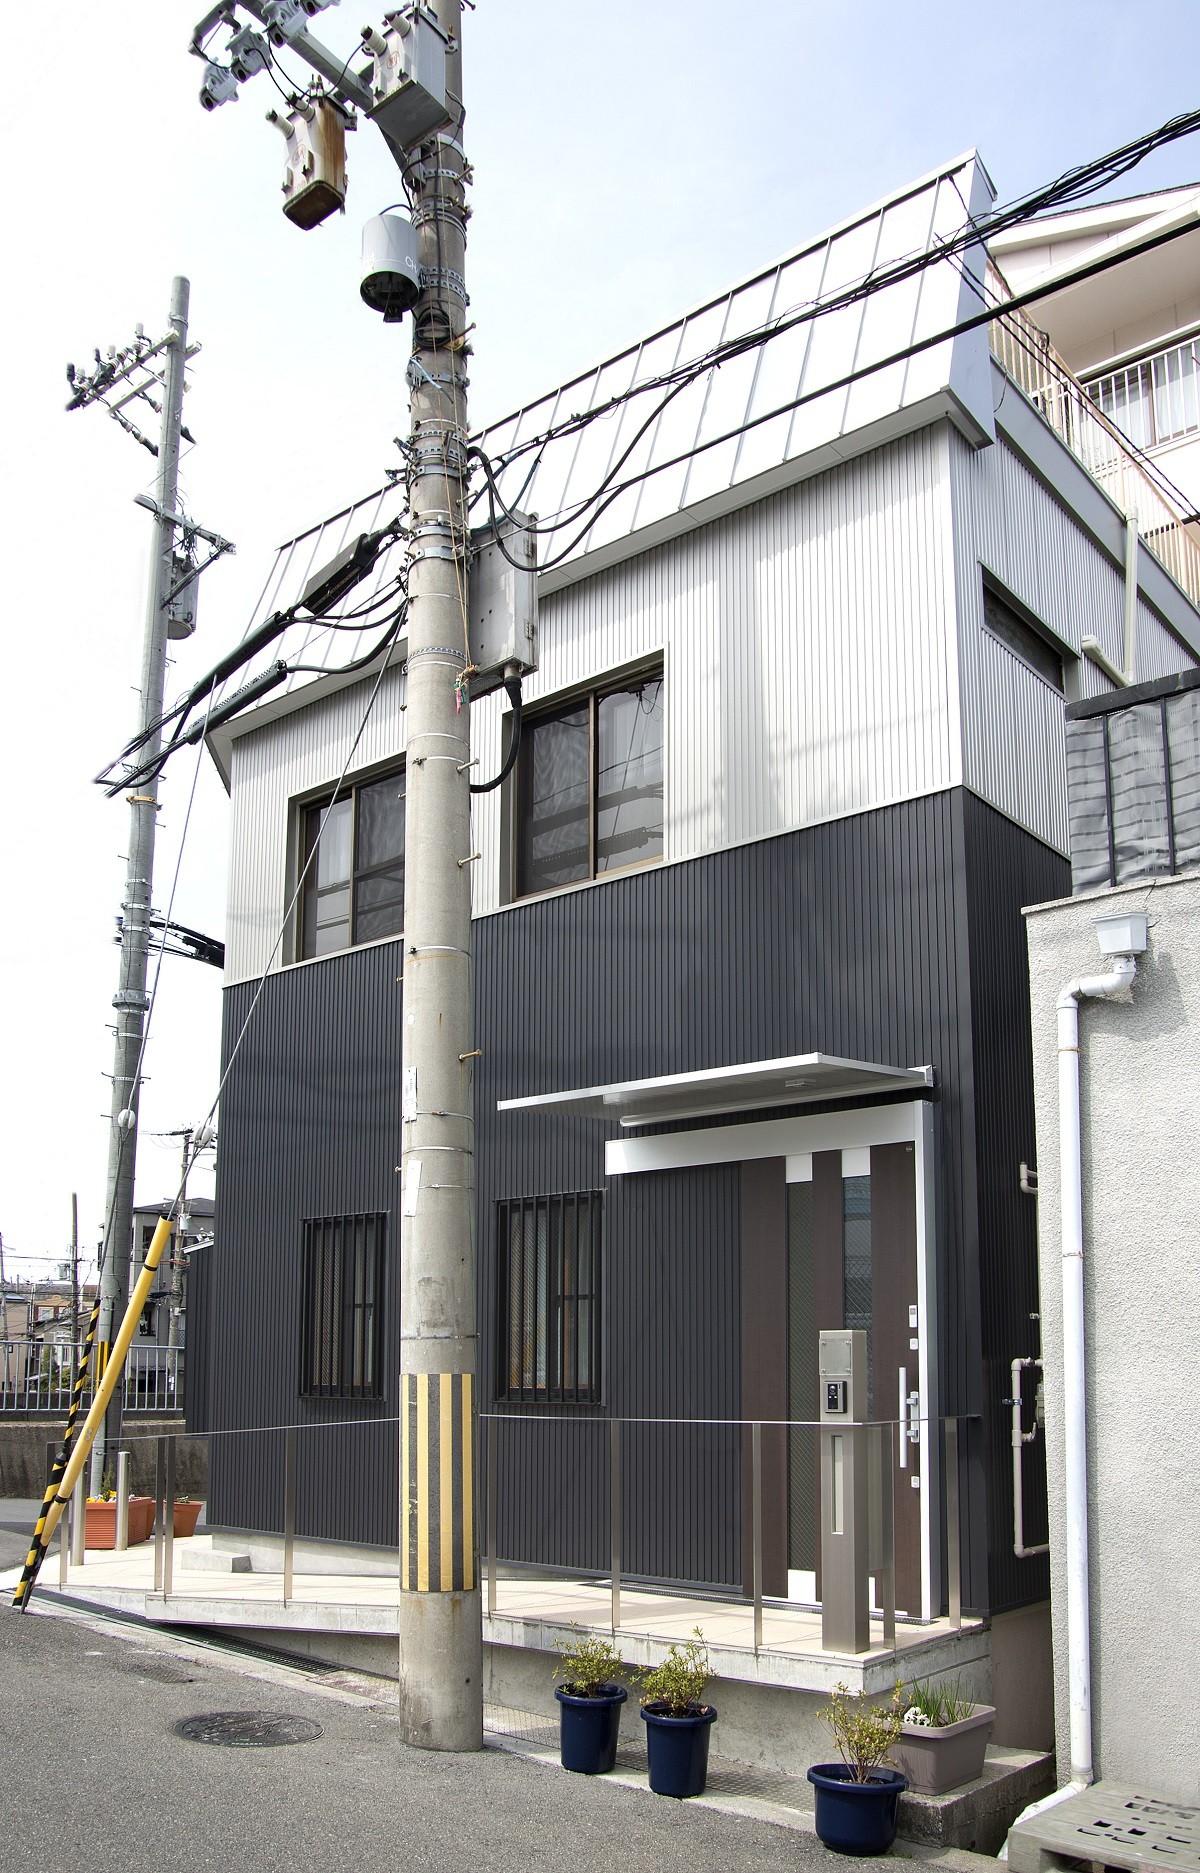 外観事例:外観-2(ホームエレベーターがあるバリアフリー住宅|遮音・防音構造の住宅(ガレージハウス))